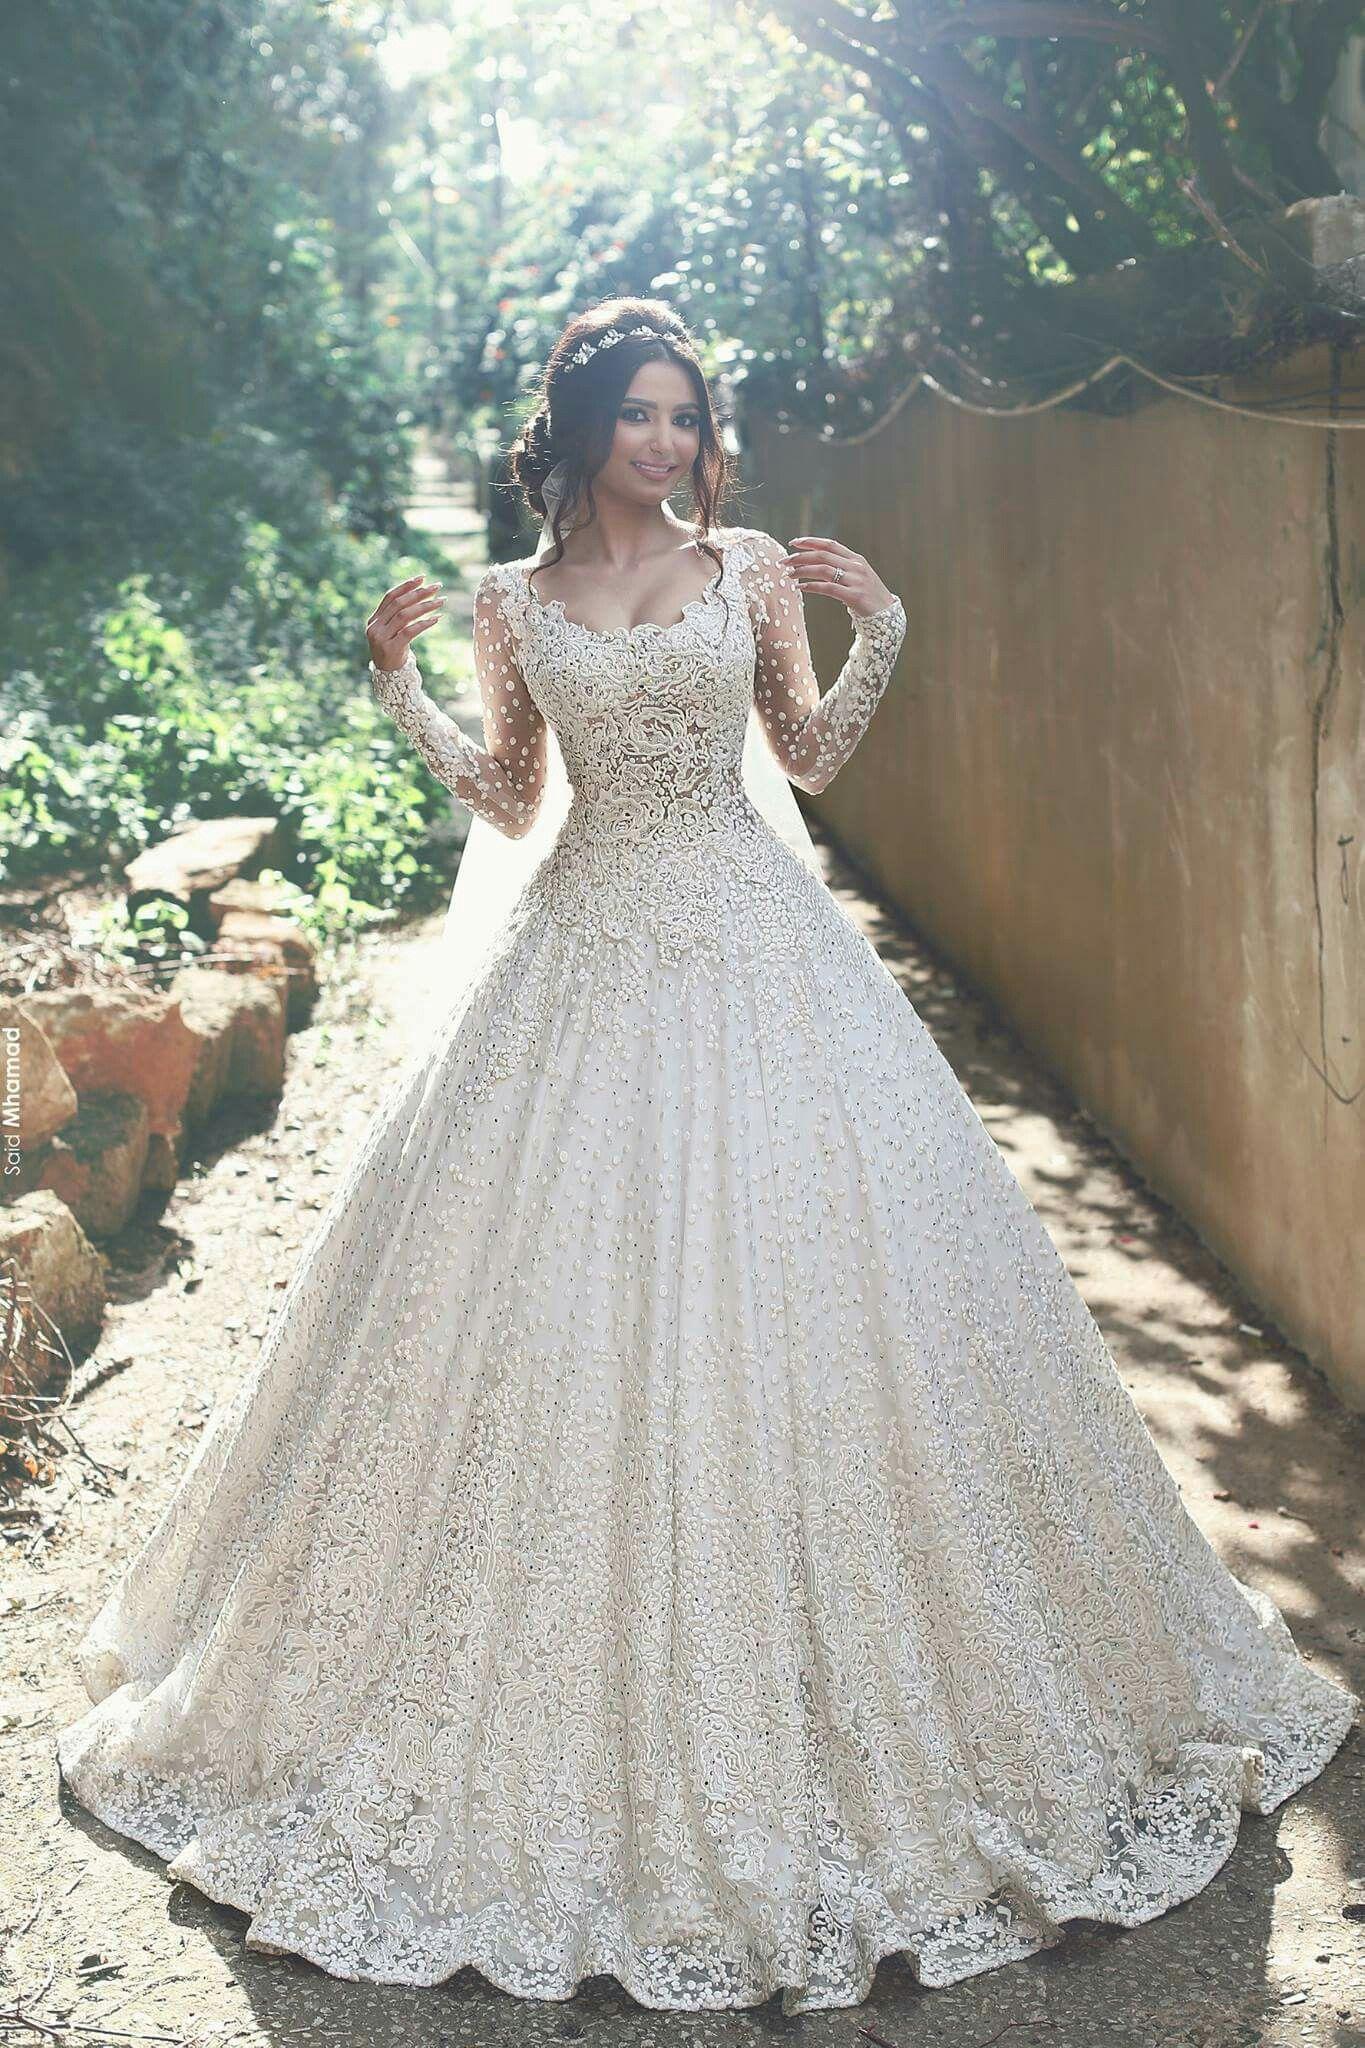 Pin von Laura Johnson auf Wedding Gowns/Veils   Pinterest   Kleider